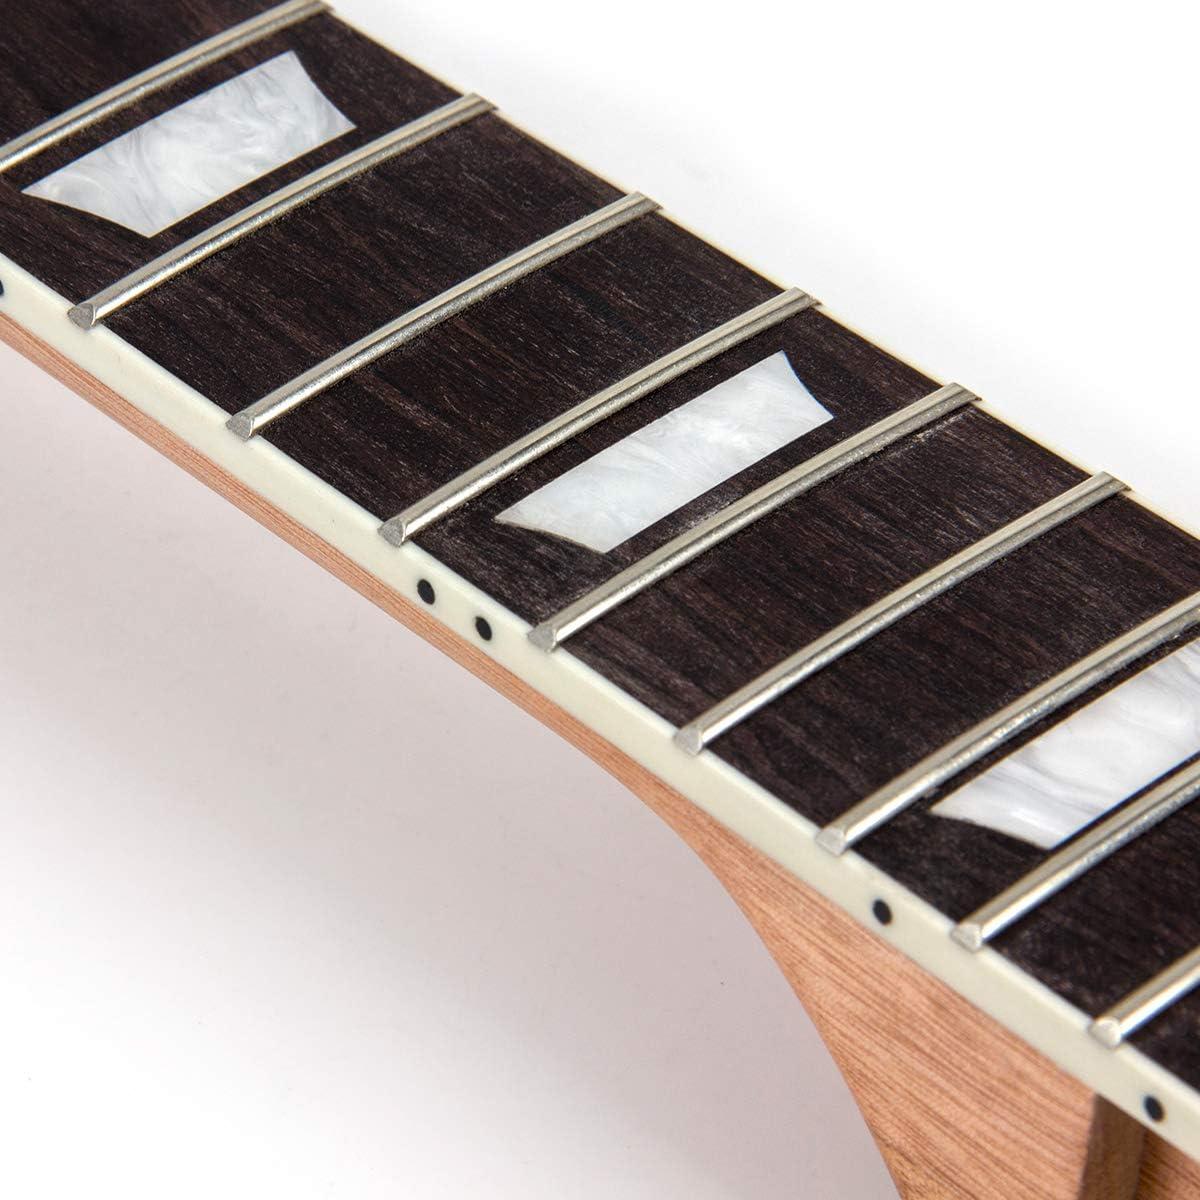 Kmise Manche de guitare /électrique en /érable 22 frettes Noir brillant MI2670.